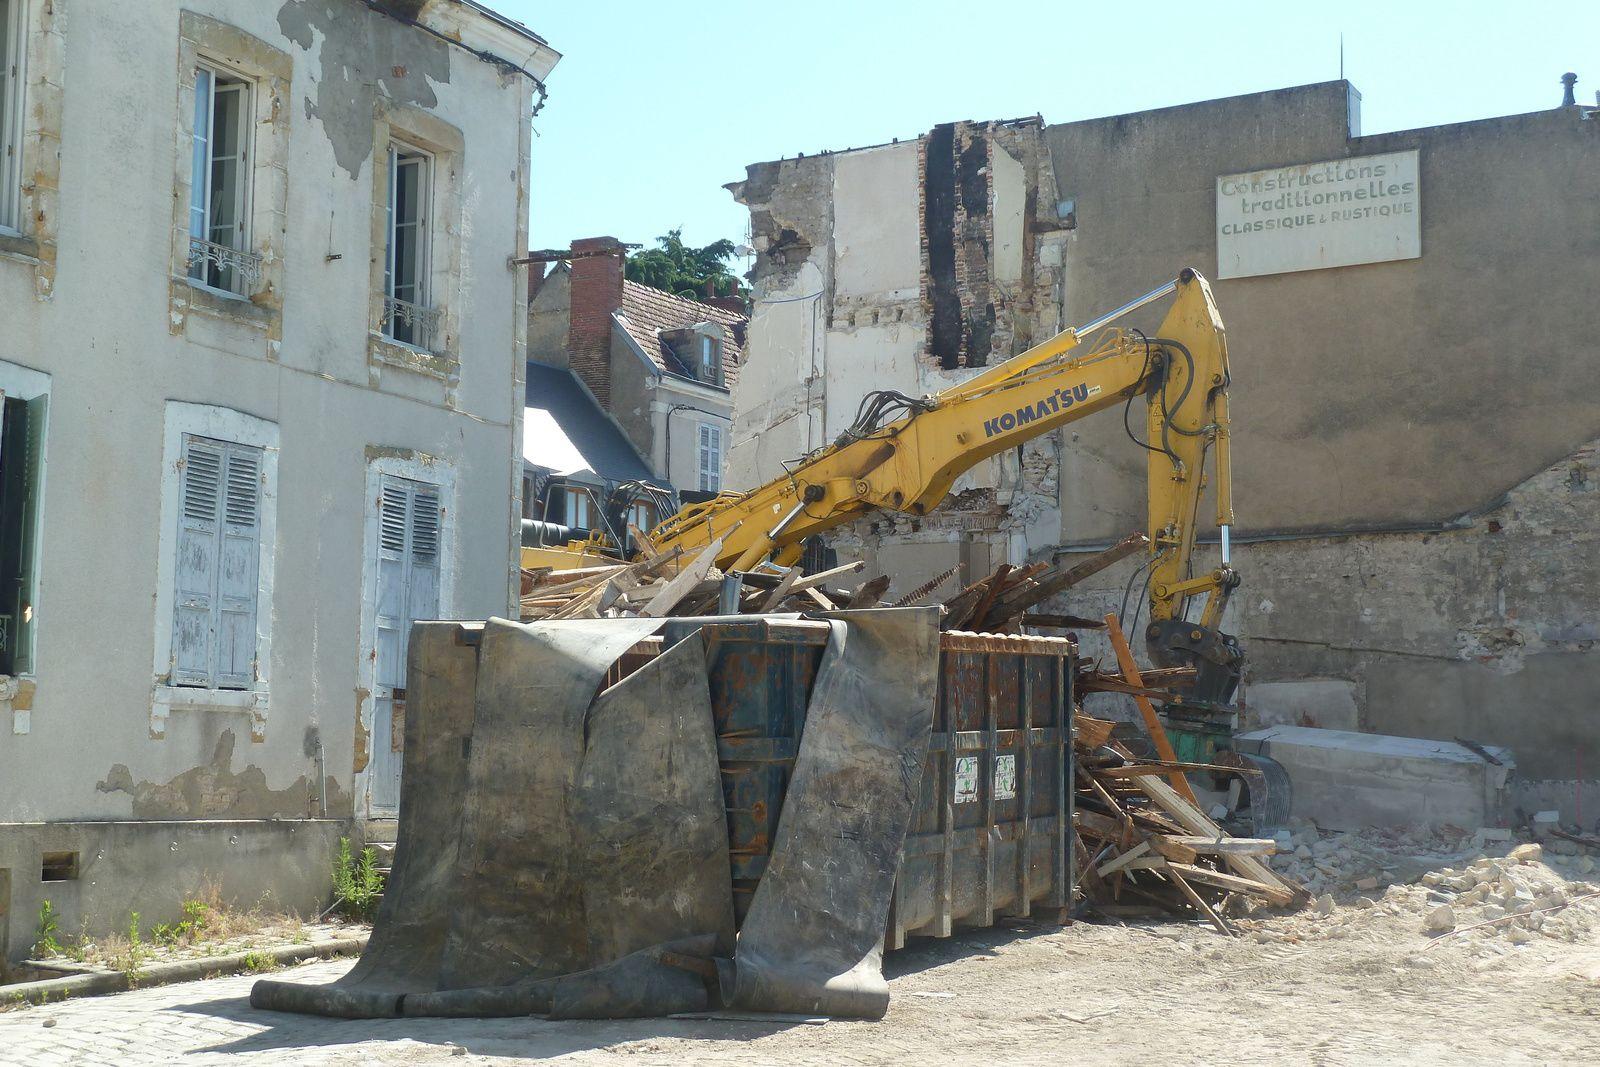 A Vierzon, le chantier du siècle fait tomber un quartier entier